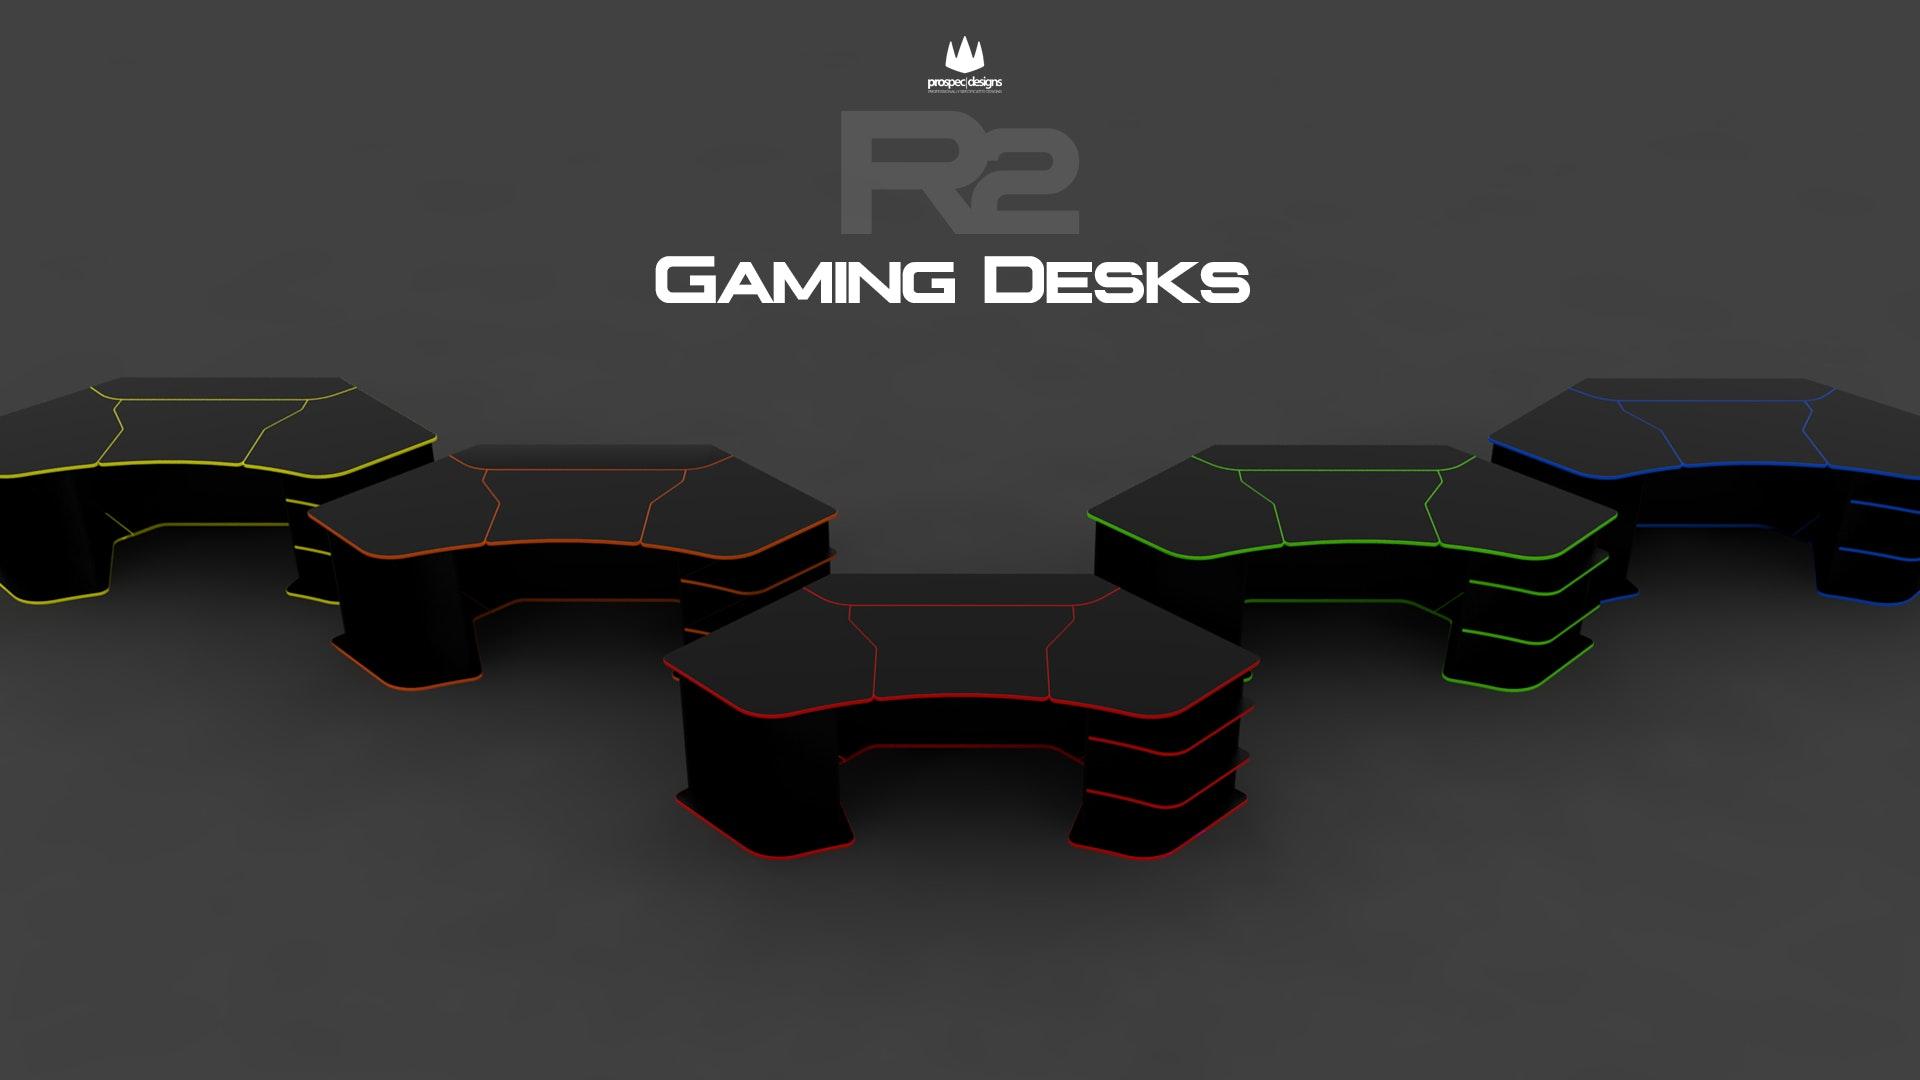 R2 Gaming Desks